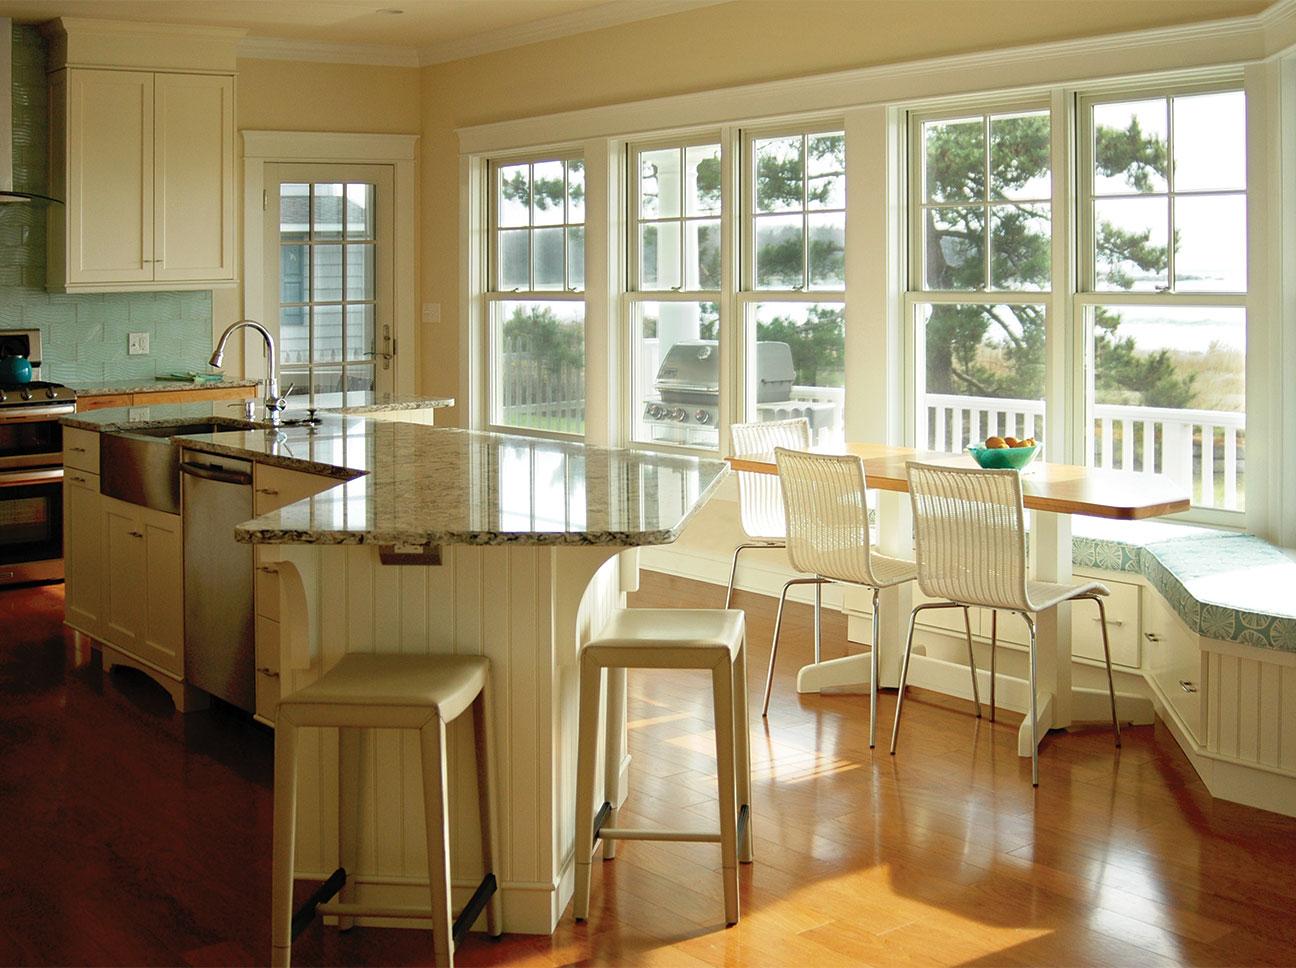 Douston-Kitchens-Kitchen Window Seat